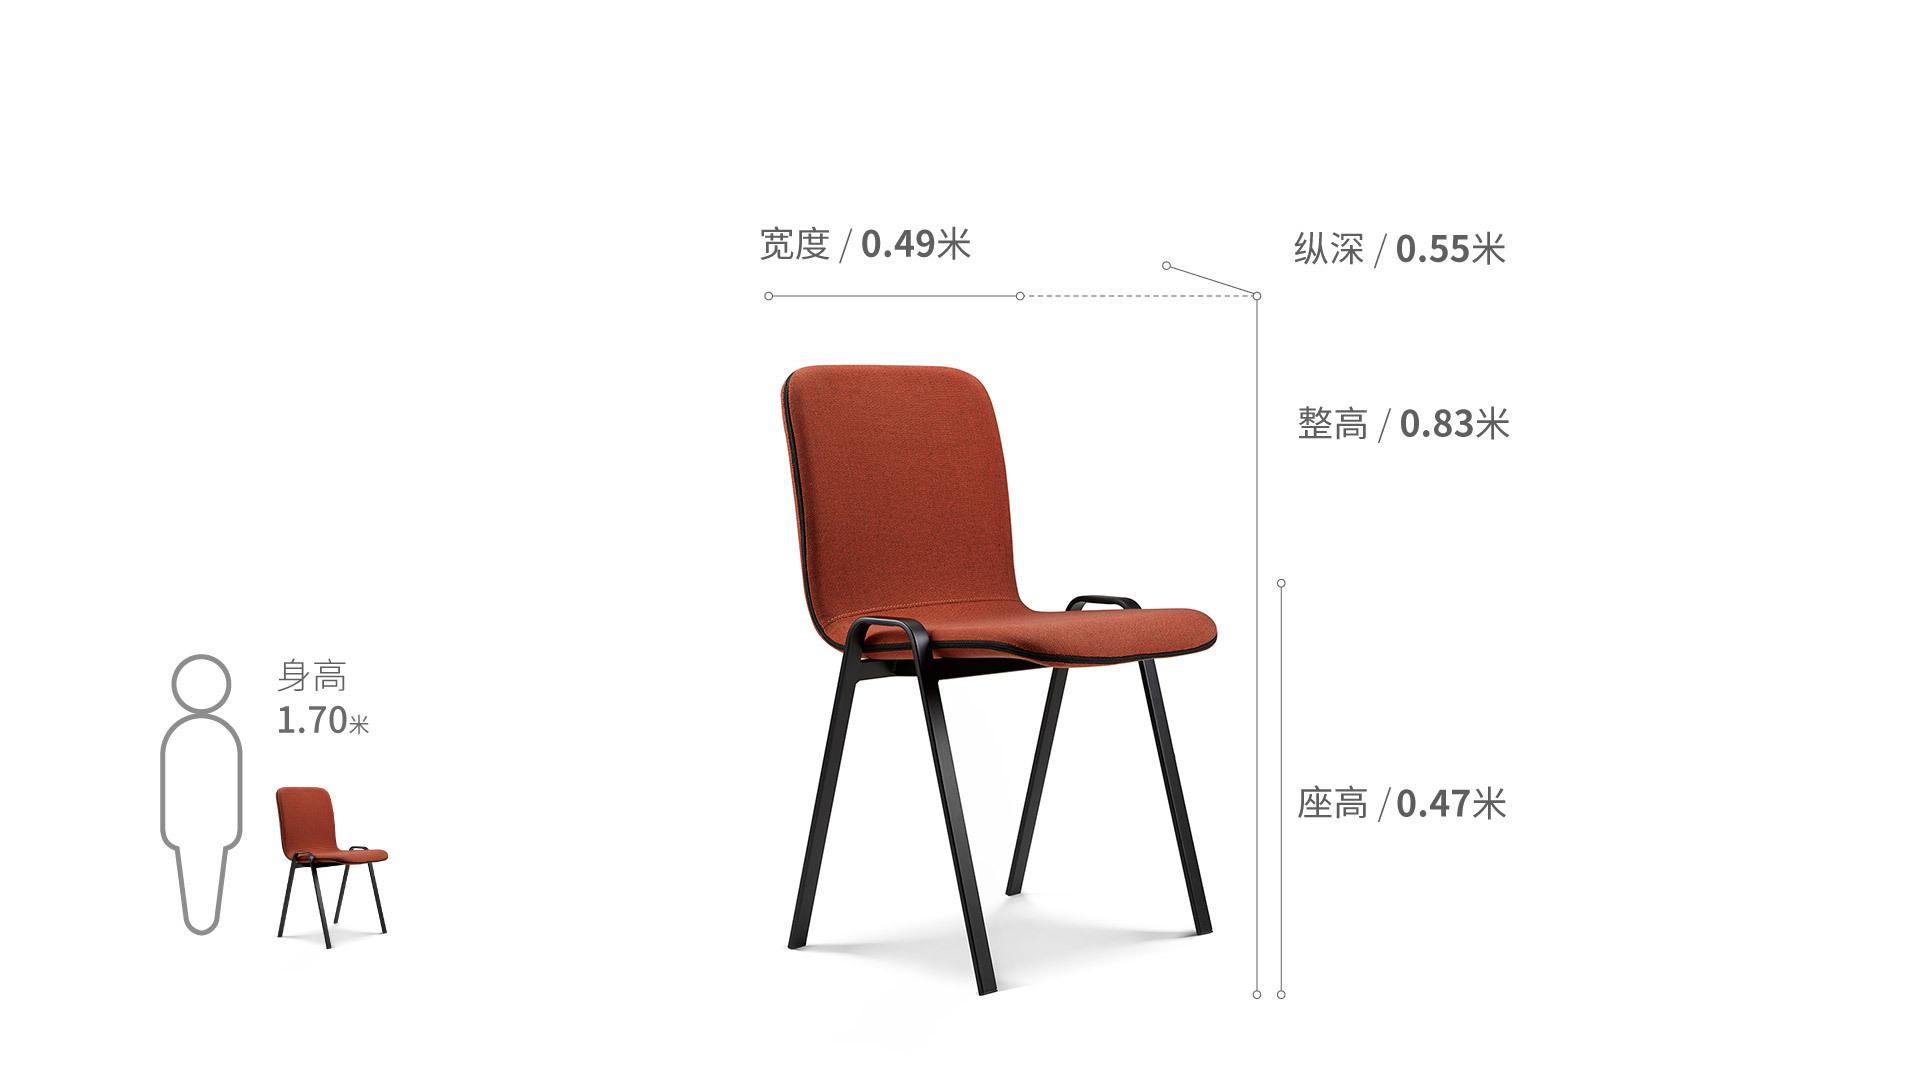 造作洛城软椅®椅凳效果图